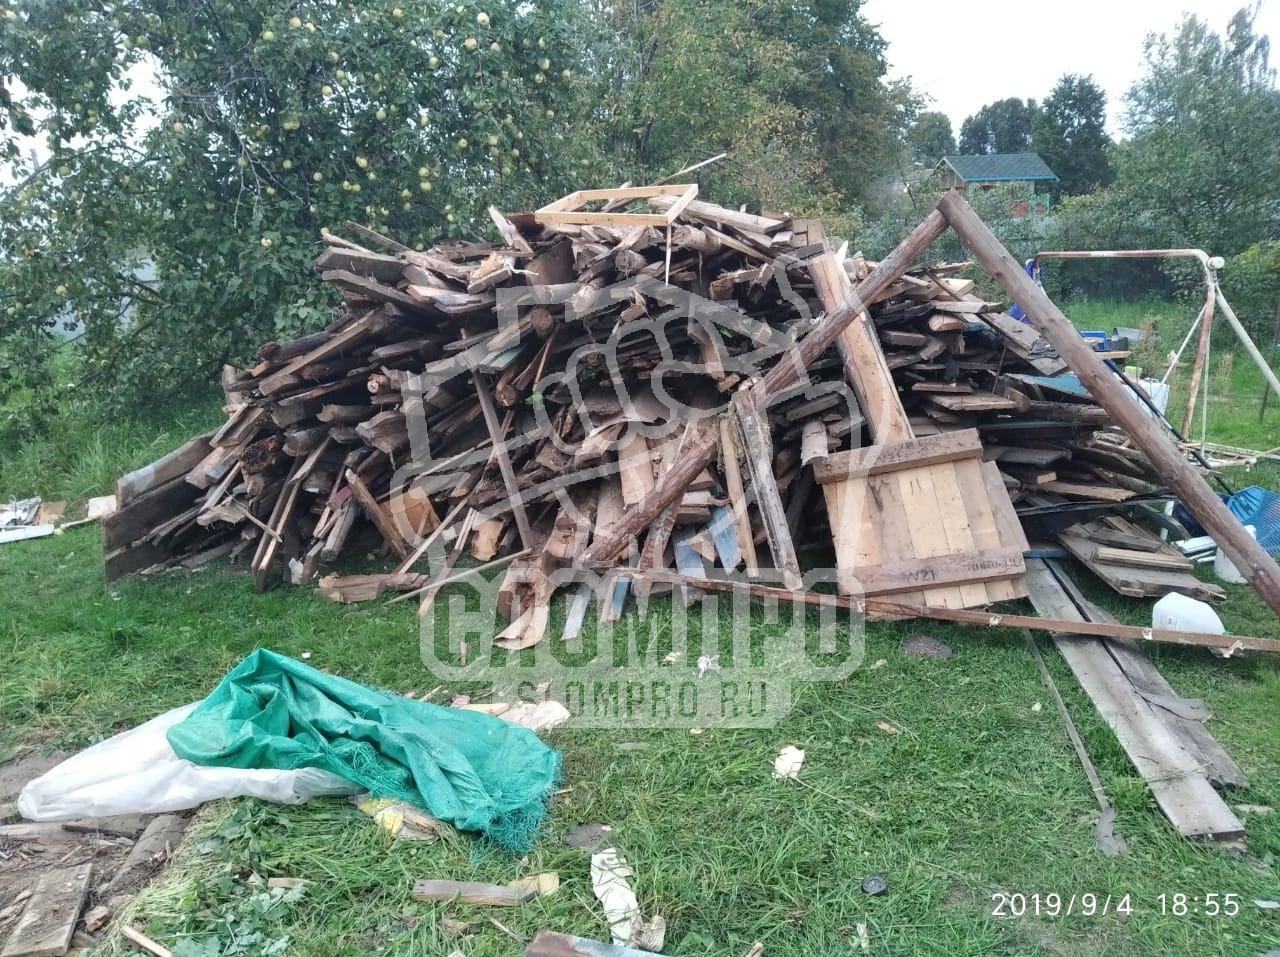 Складирование деревяшек после демонтажа